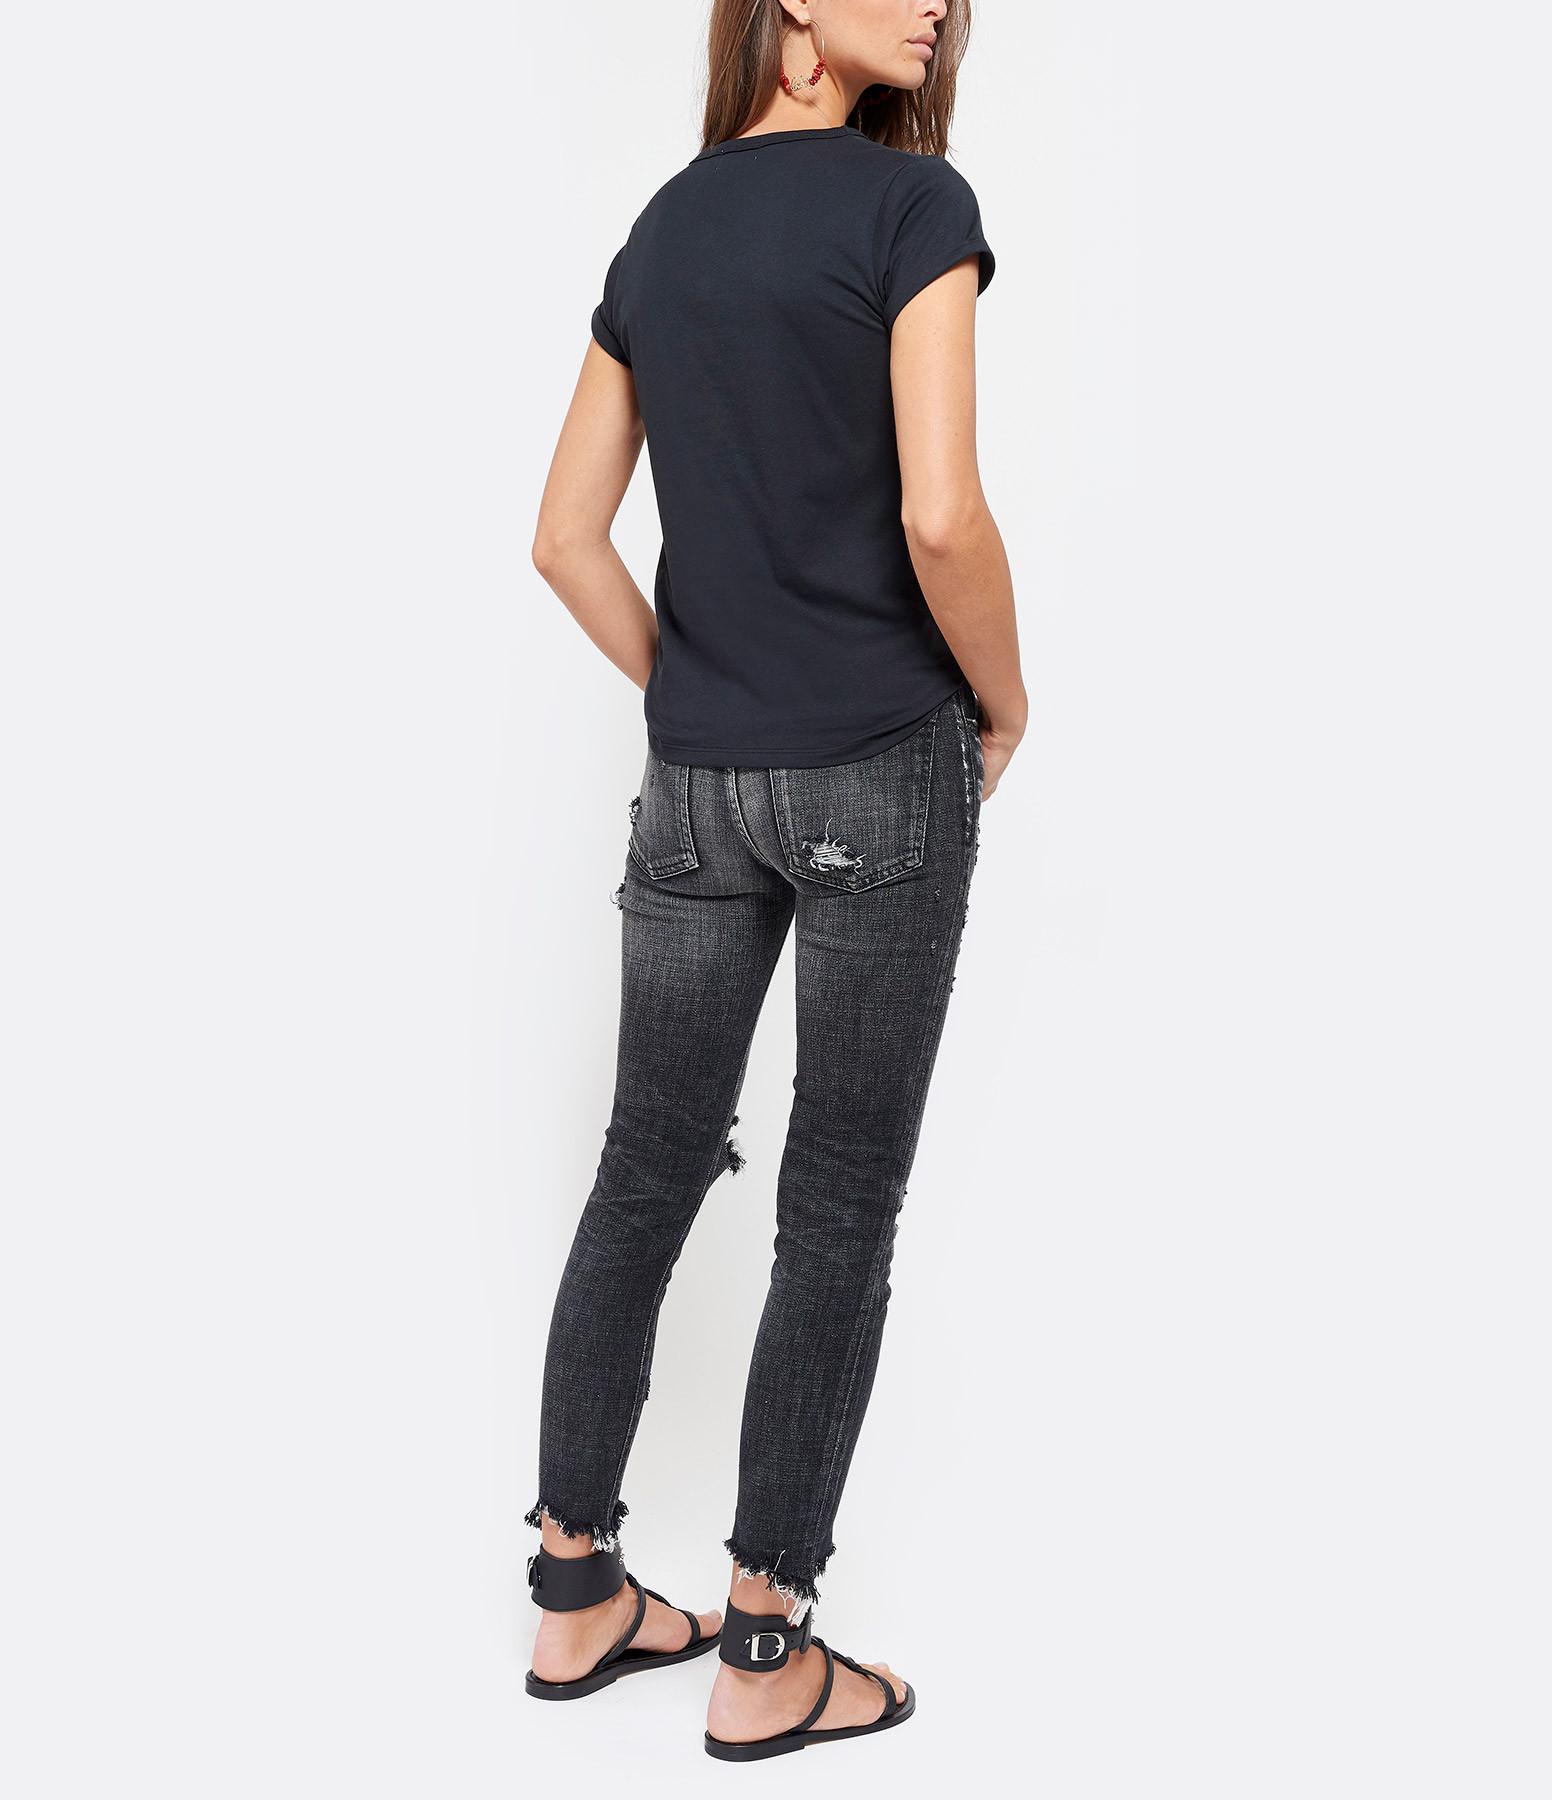 MAISON LABICHE - Tee-shirt Oh La La ! Coton Noir Rose